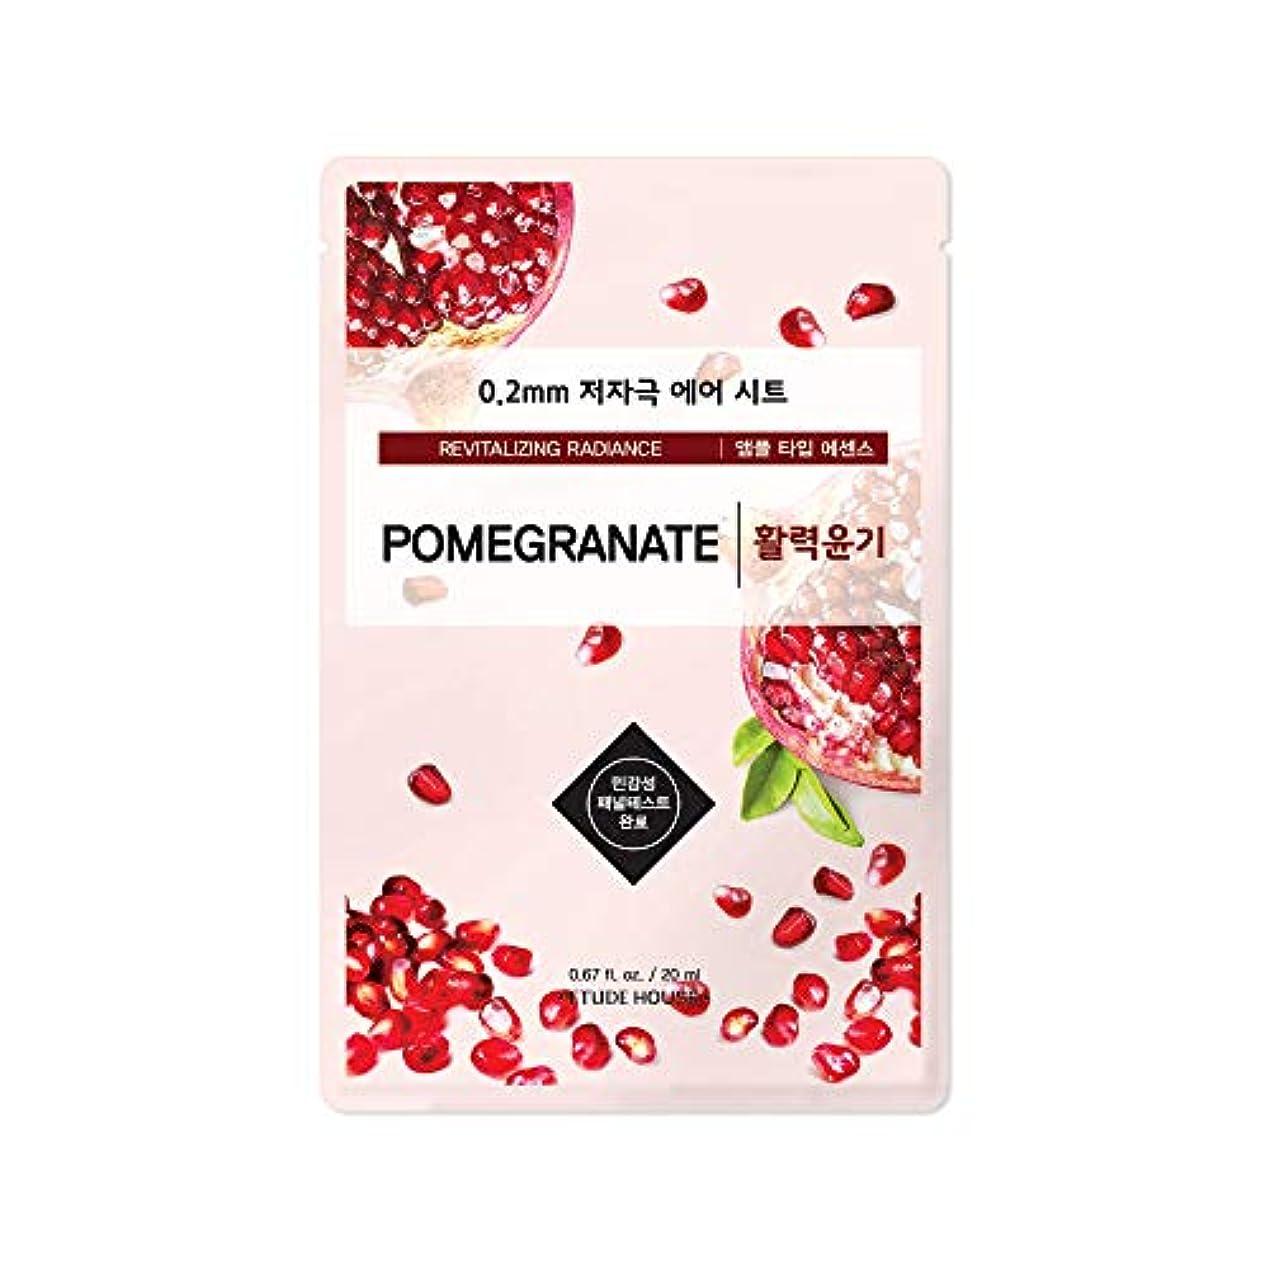 粉砕する序文強化ETUDE HOUSE 0.2 Therapy Air Mask 20ml×10ea (#07 Pomegranate)/エチュードハウス 0.2 セラピー エア マスク 20ml×10枚 (#07 Pomegranate)